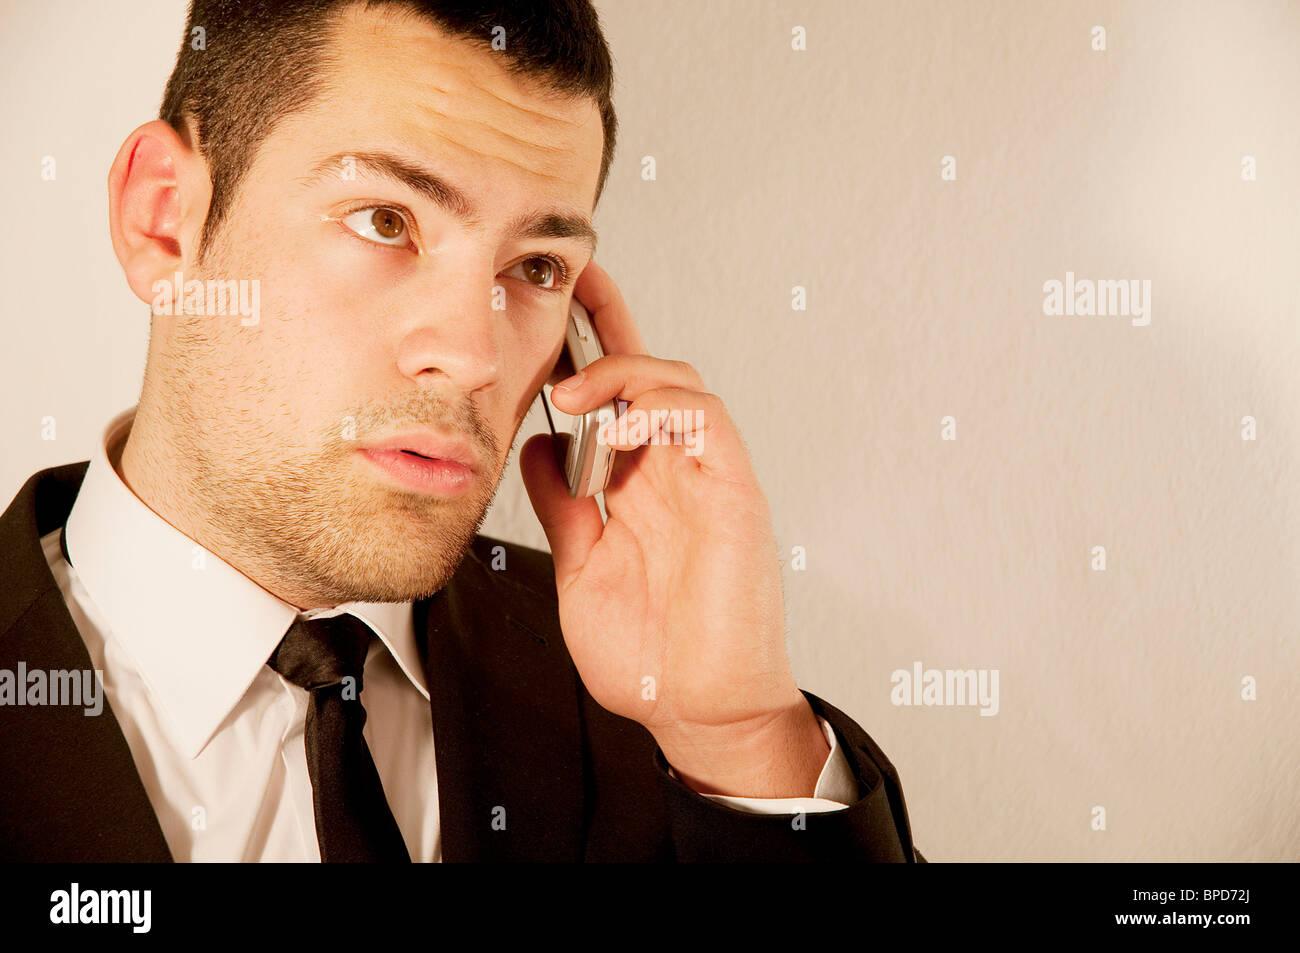 Joven a través de teléfono móvil. Cerrar vista. Foto de stock